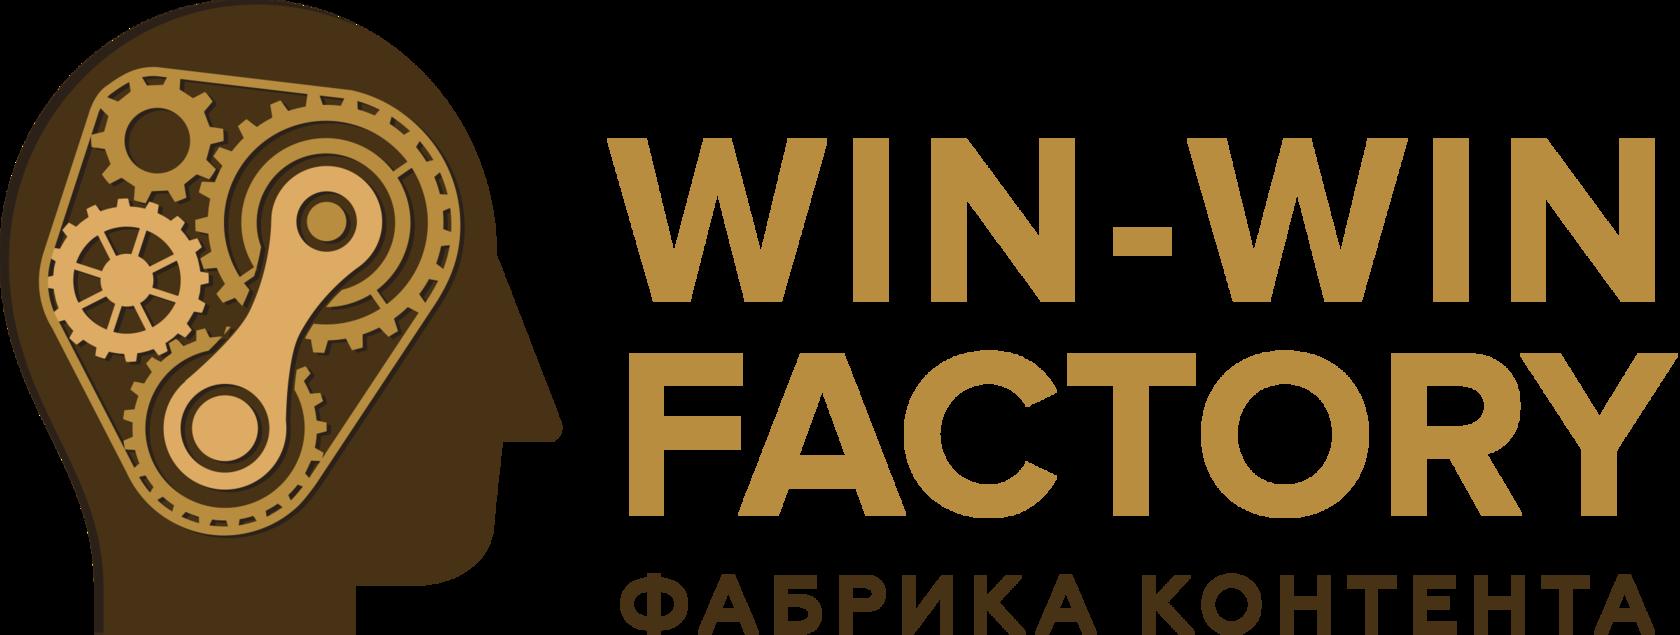 Фабрика по производству боевого контента для бизнеса